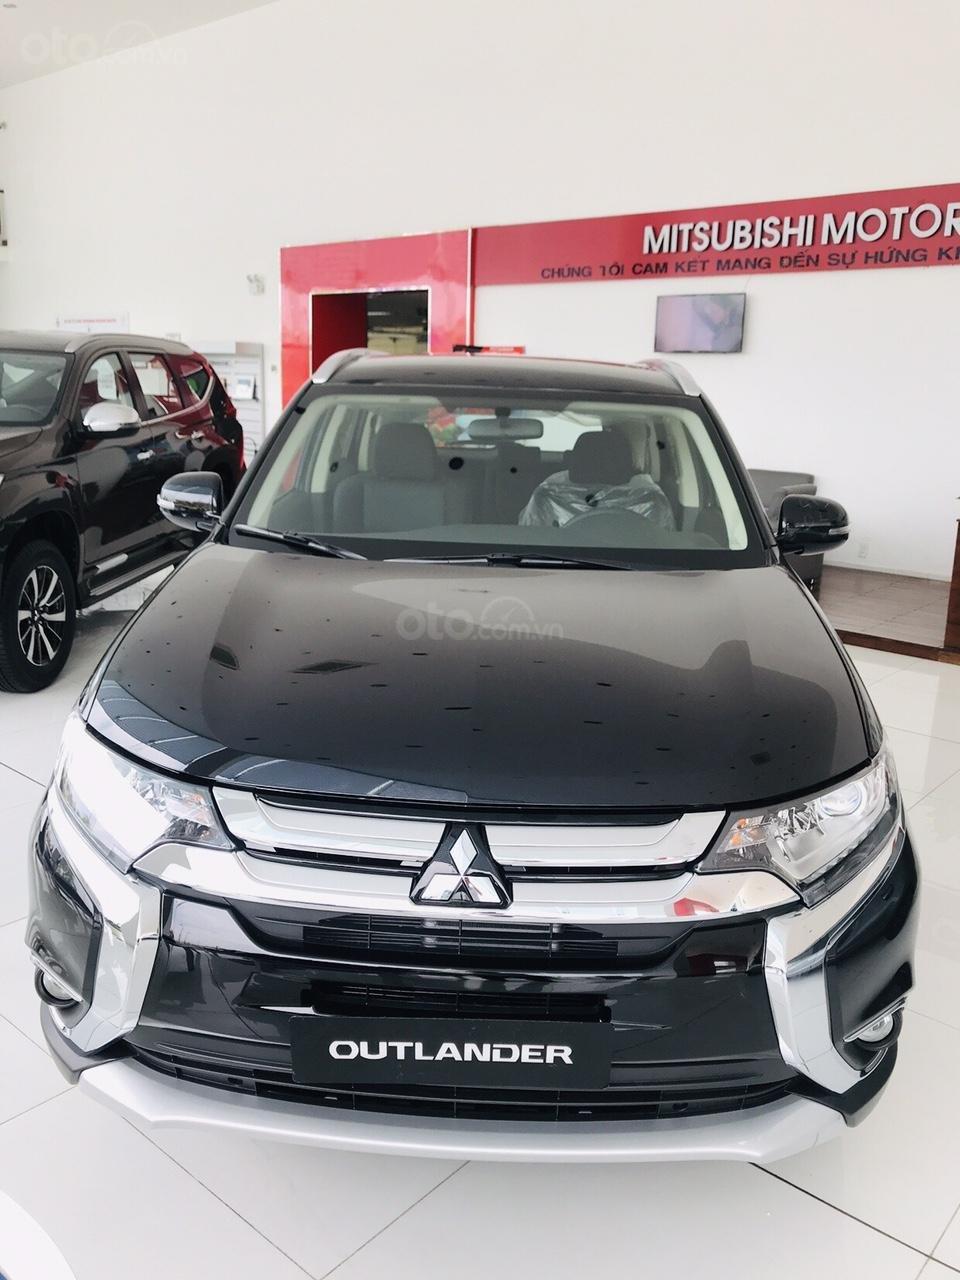 Bán xe Mitsubishi Outlander 2.0 CVT năm sản xuất 2019, trả góp 80%, liên hệ: 0969 496 596 để nhận nhiều ưu đãi (1)